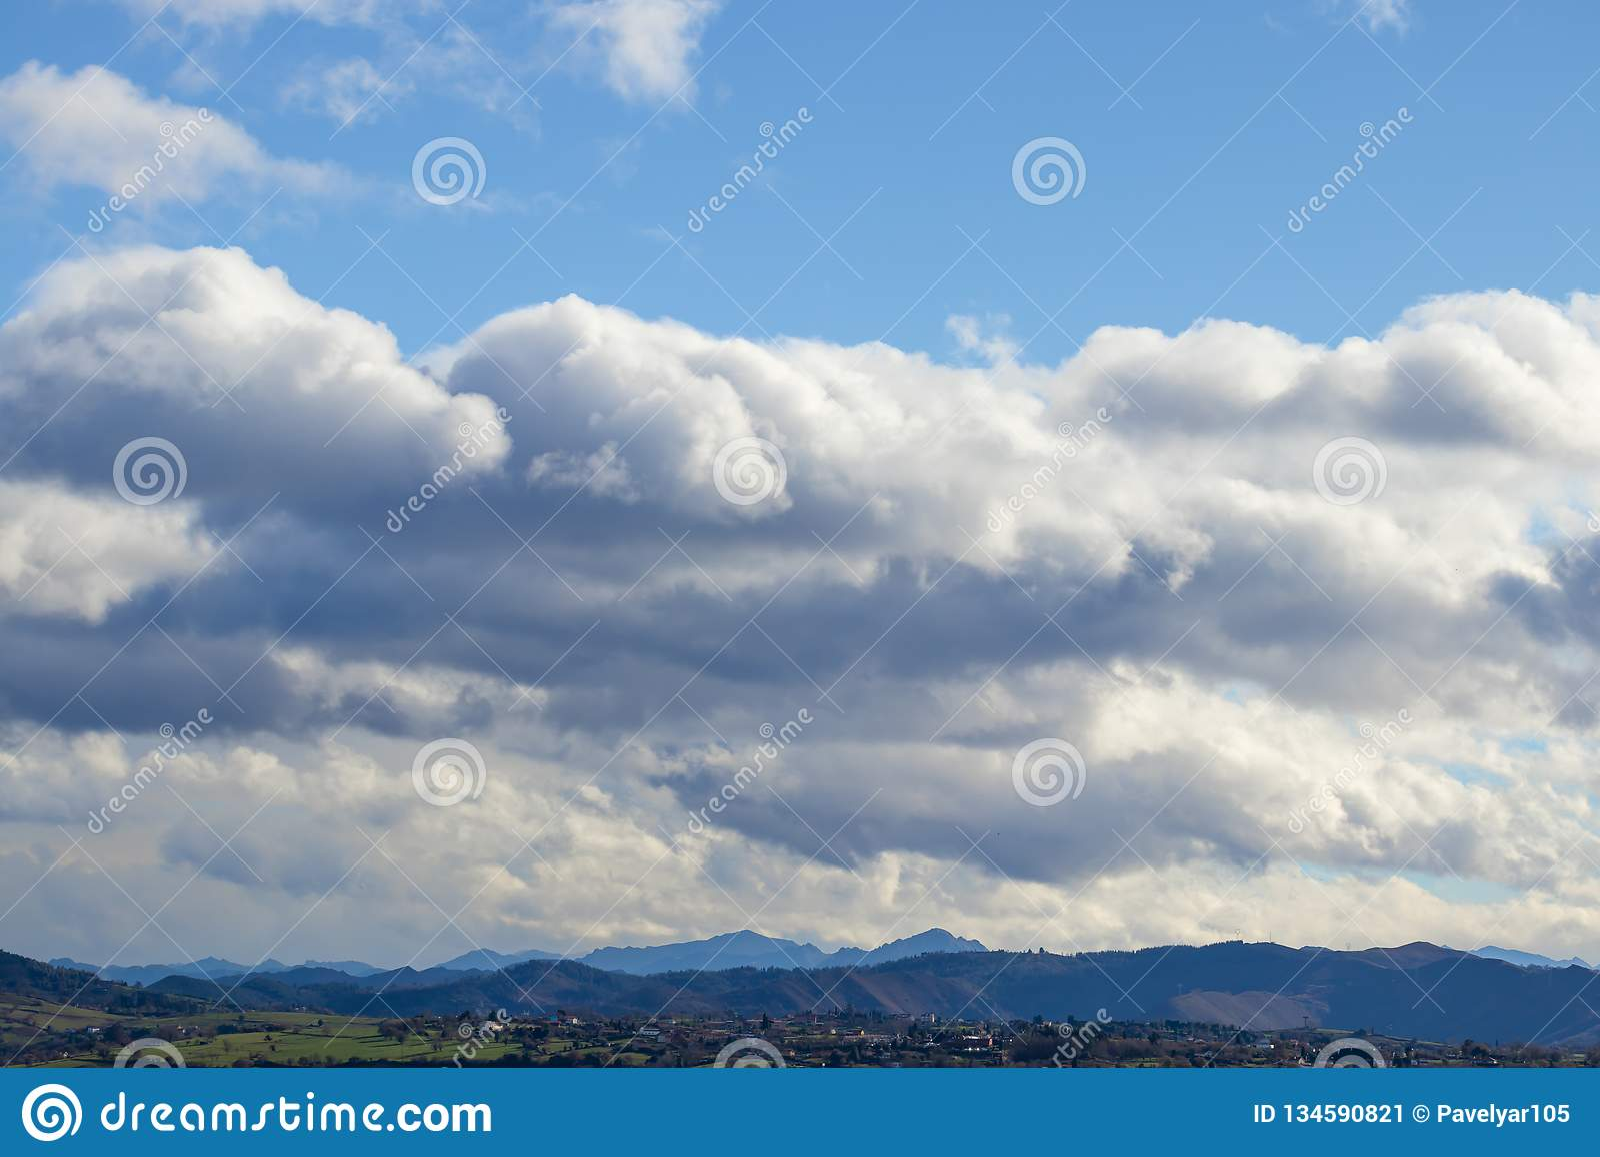 Bergskedja i klart väder, i att kontrastera regnmoln för regnet